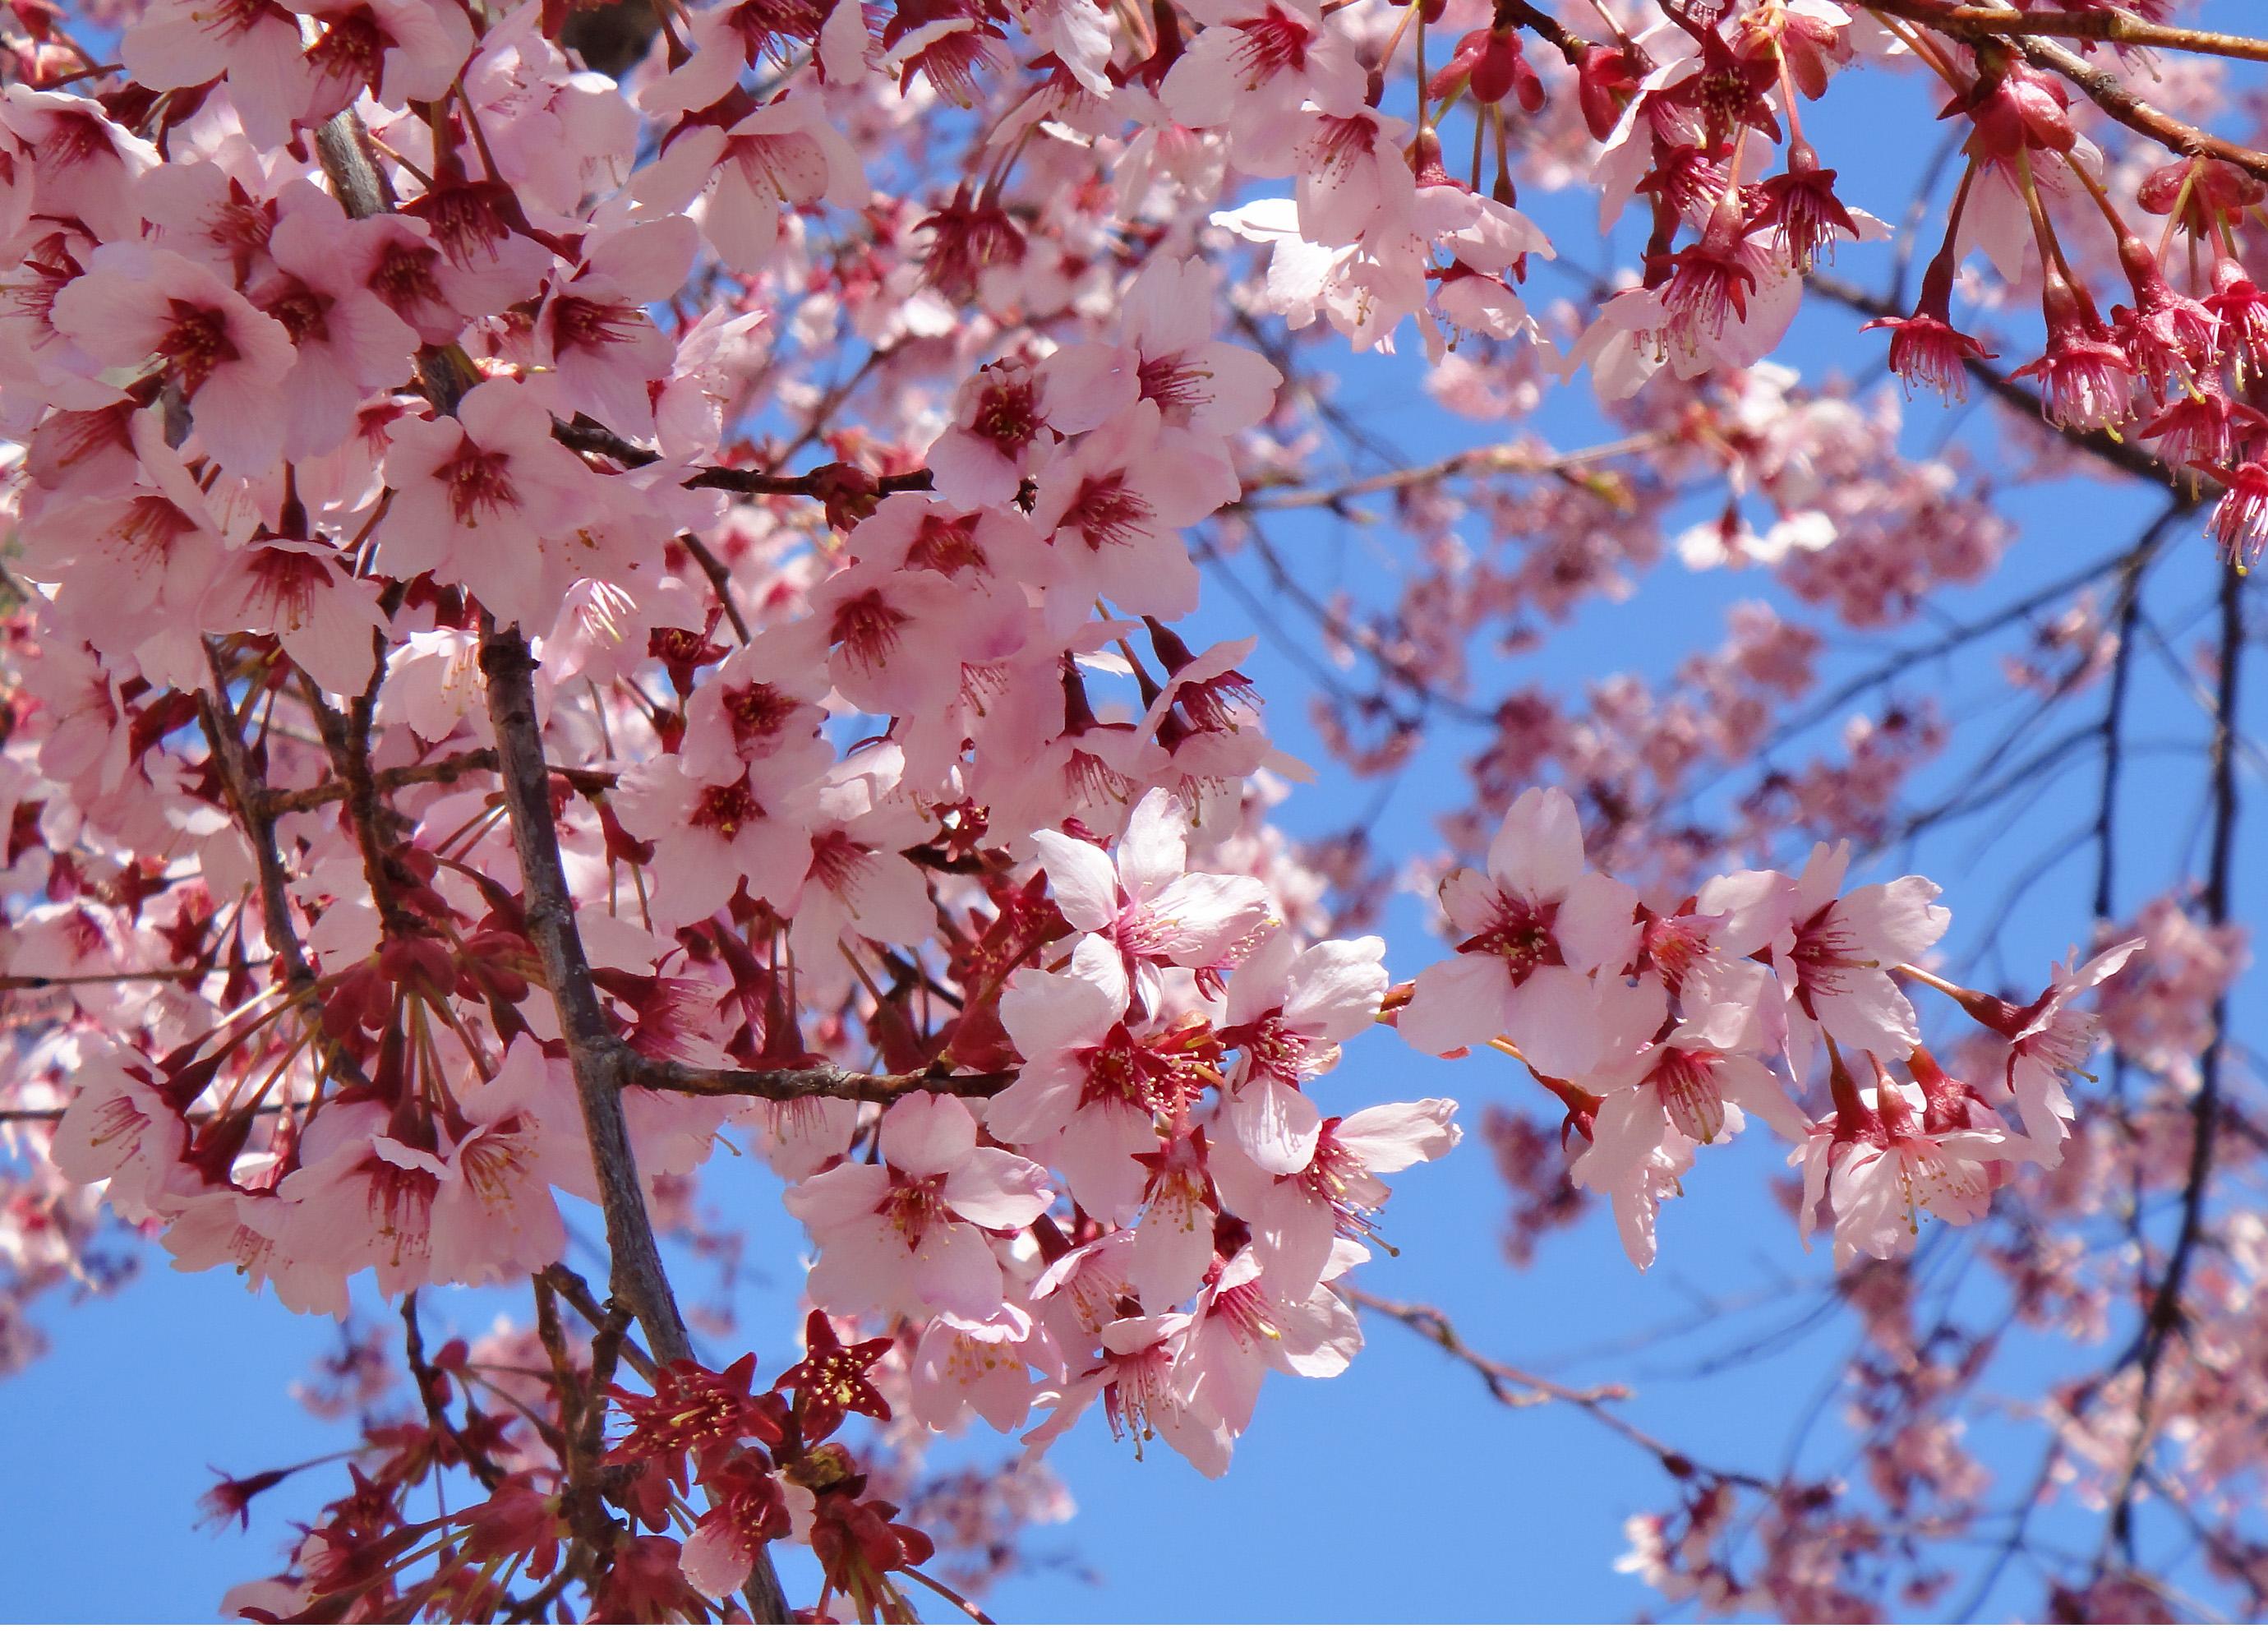 迎春的櫻花爭妍鬥艷